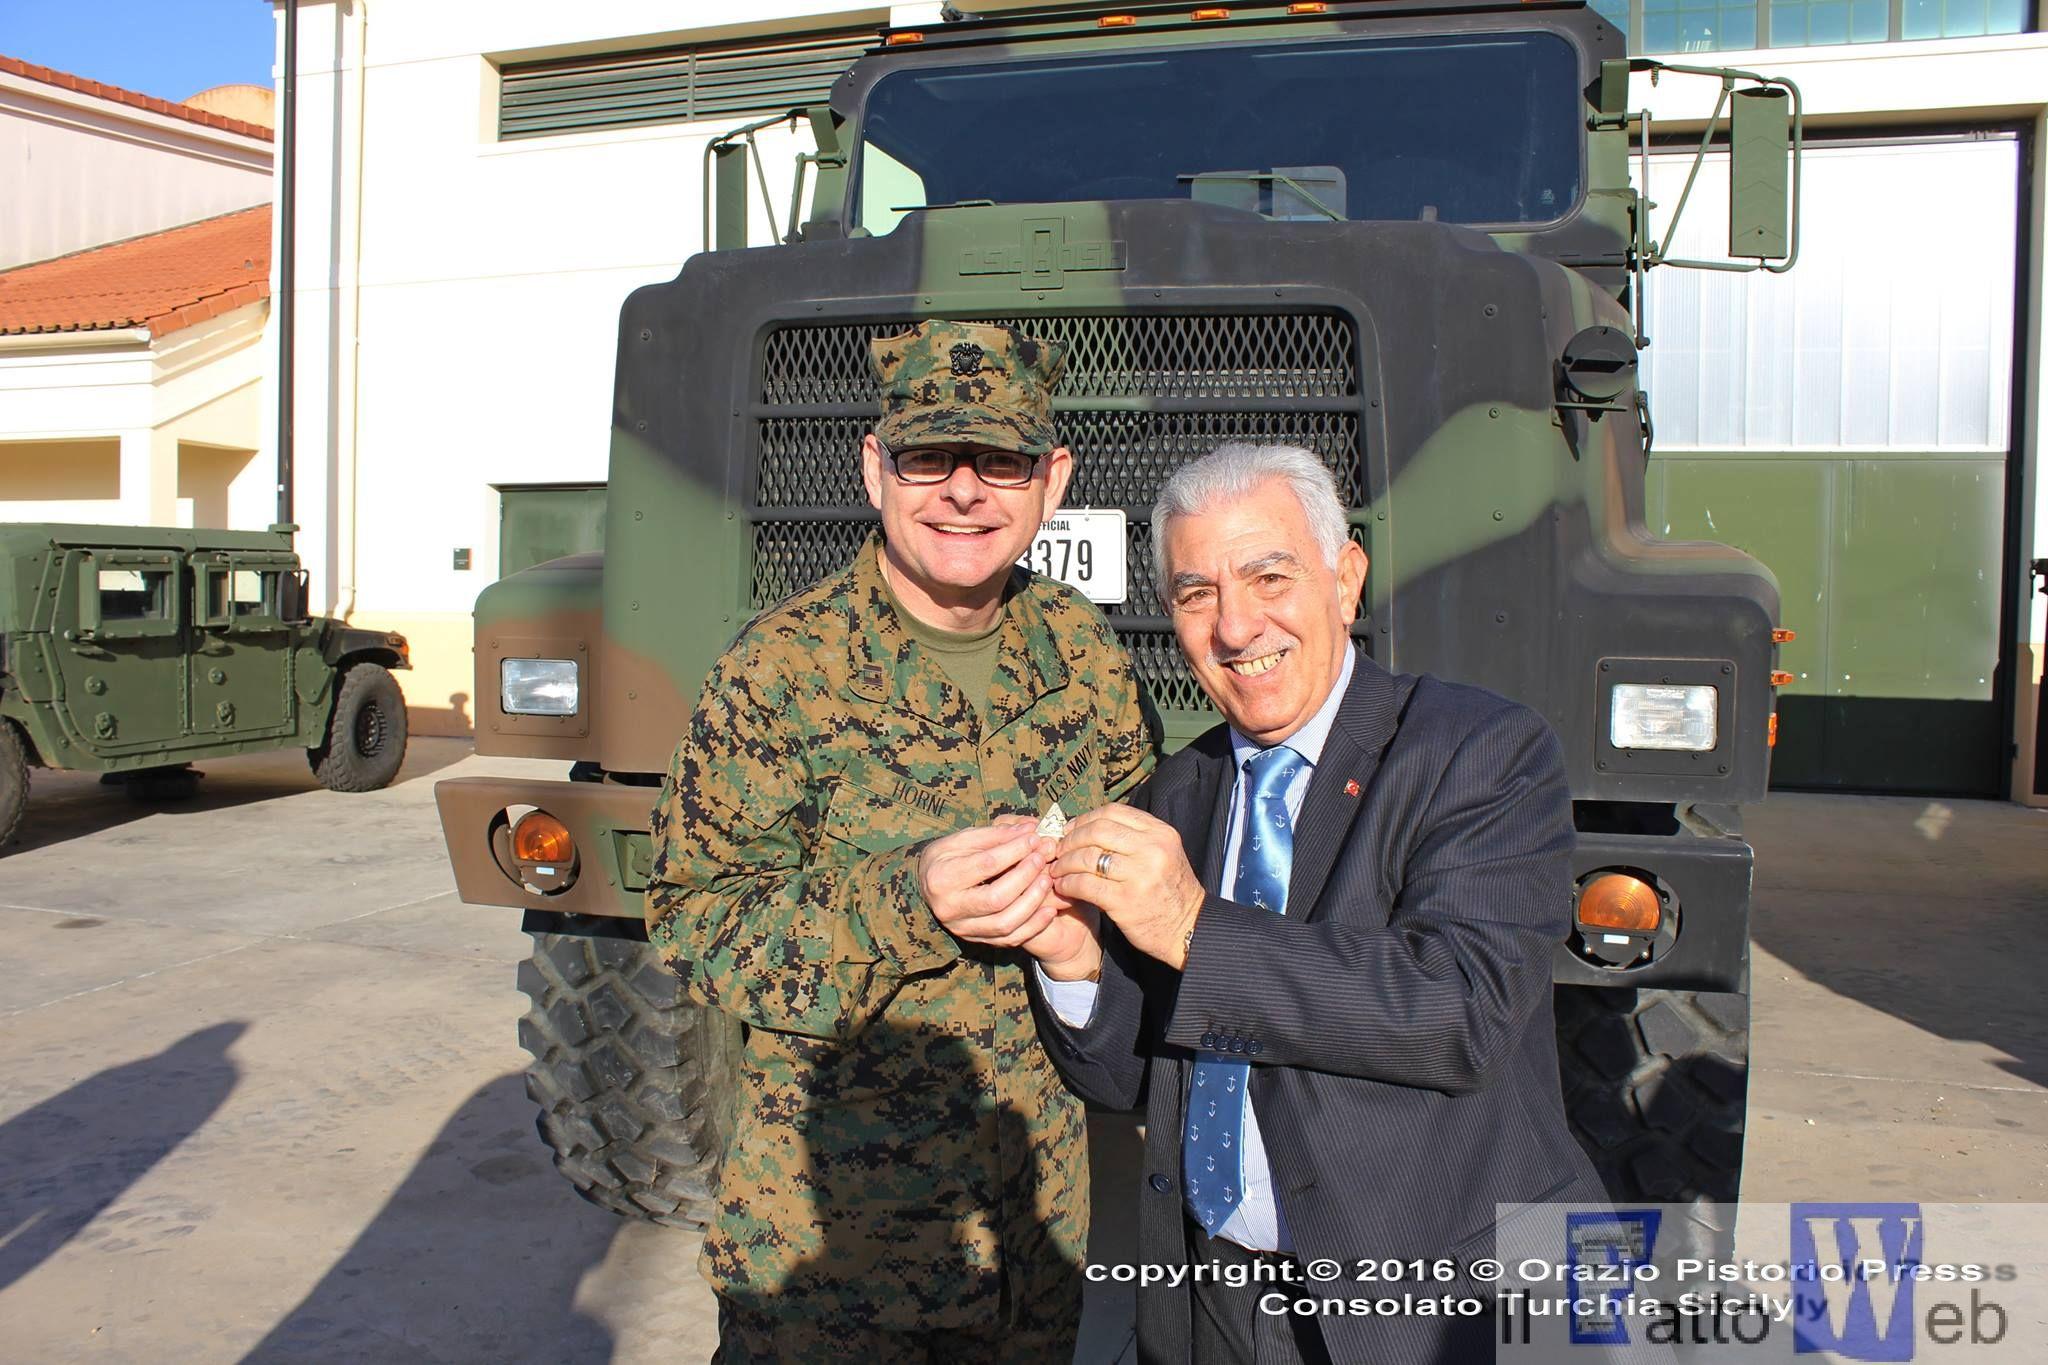 Prof. Orazio Pistorio,Press Consolato Turchia Sicily